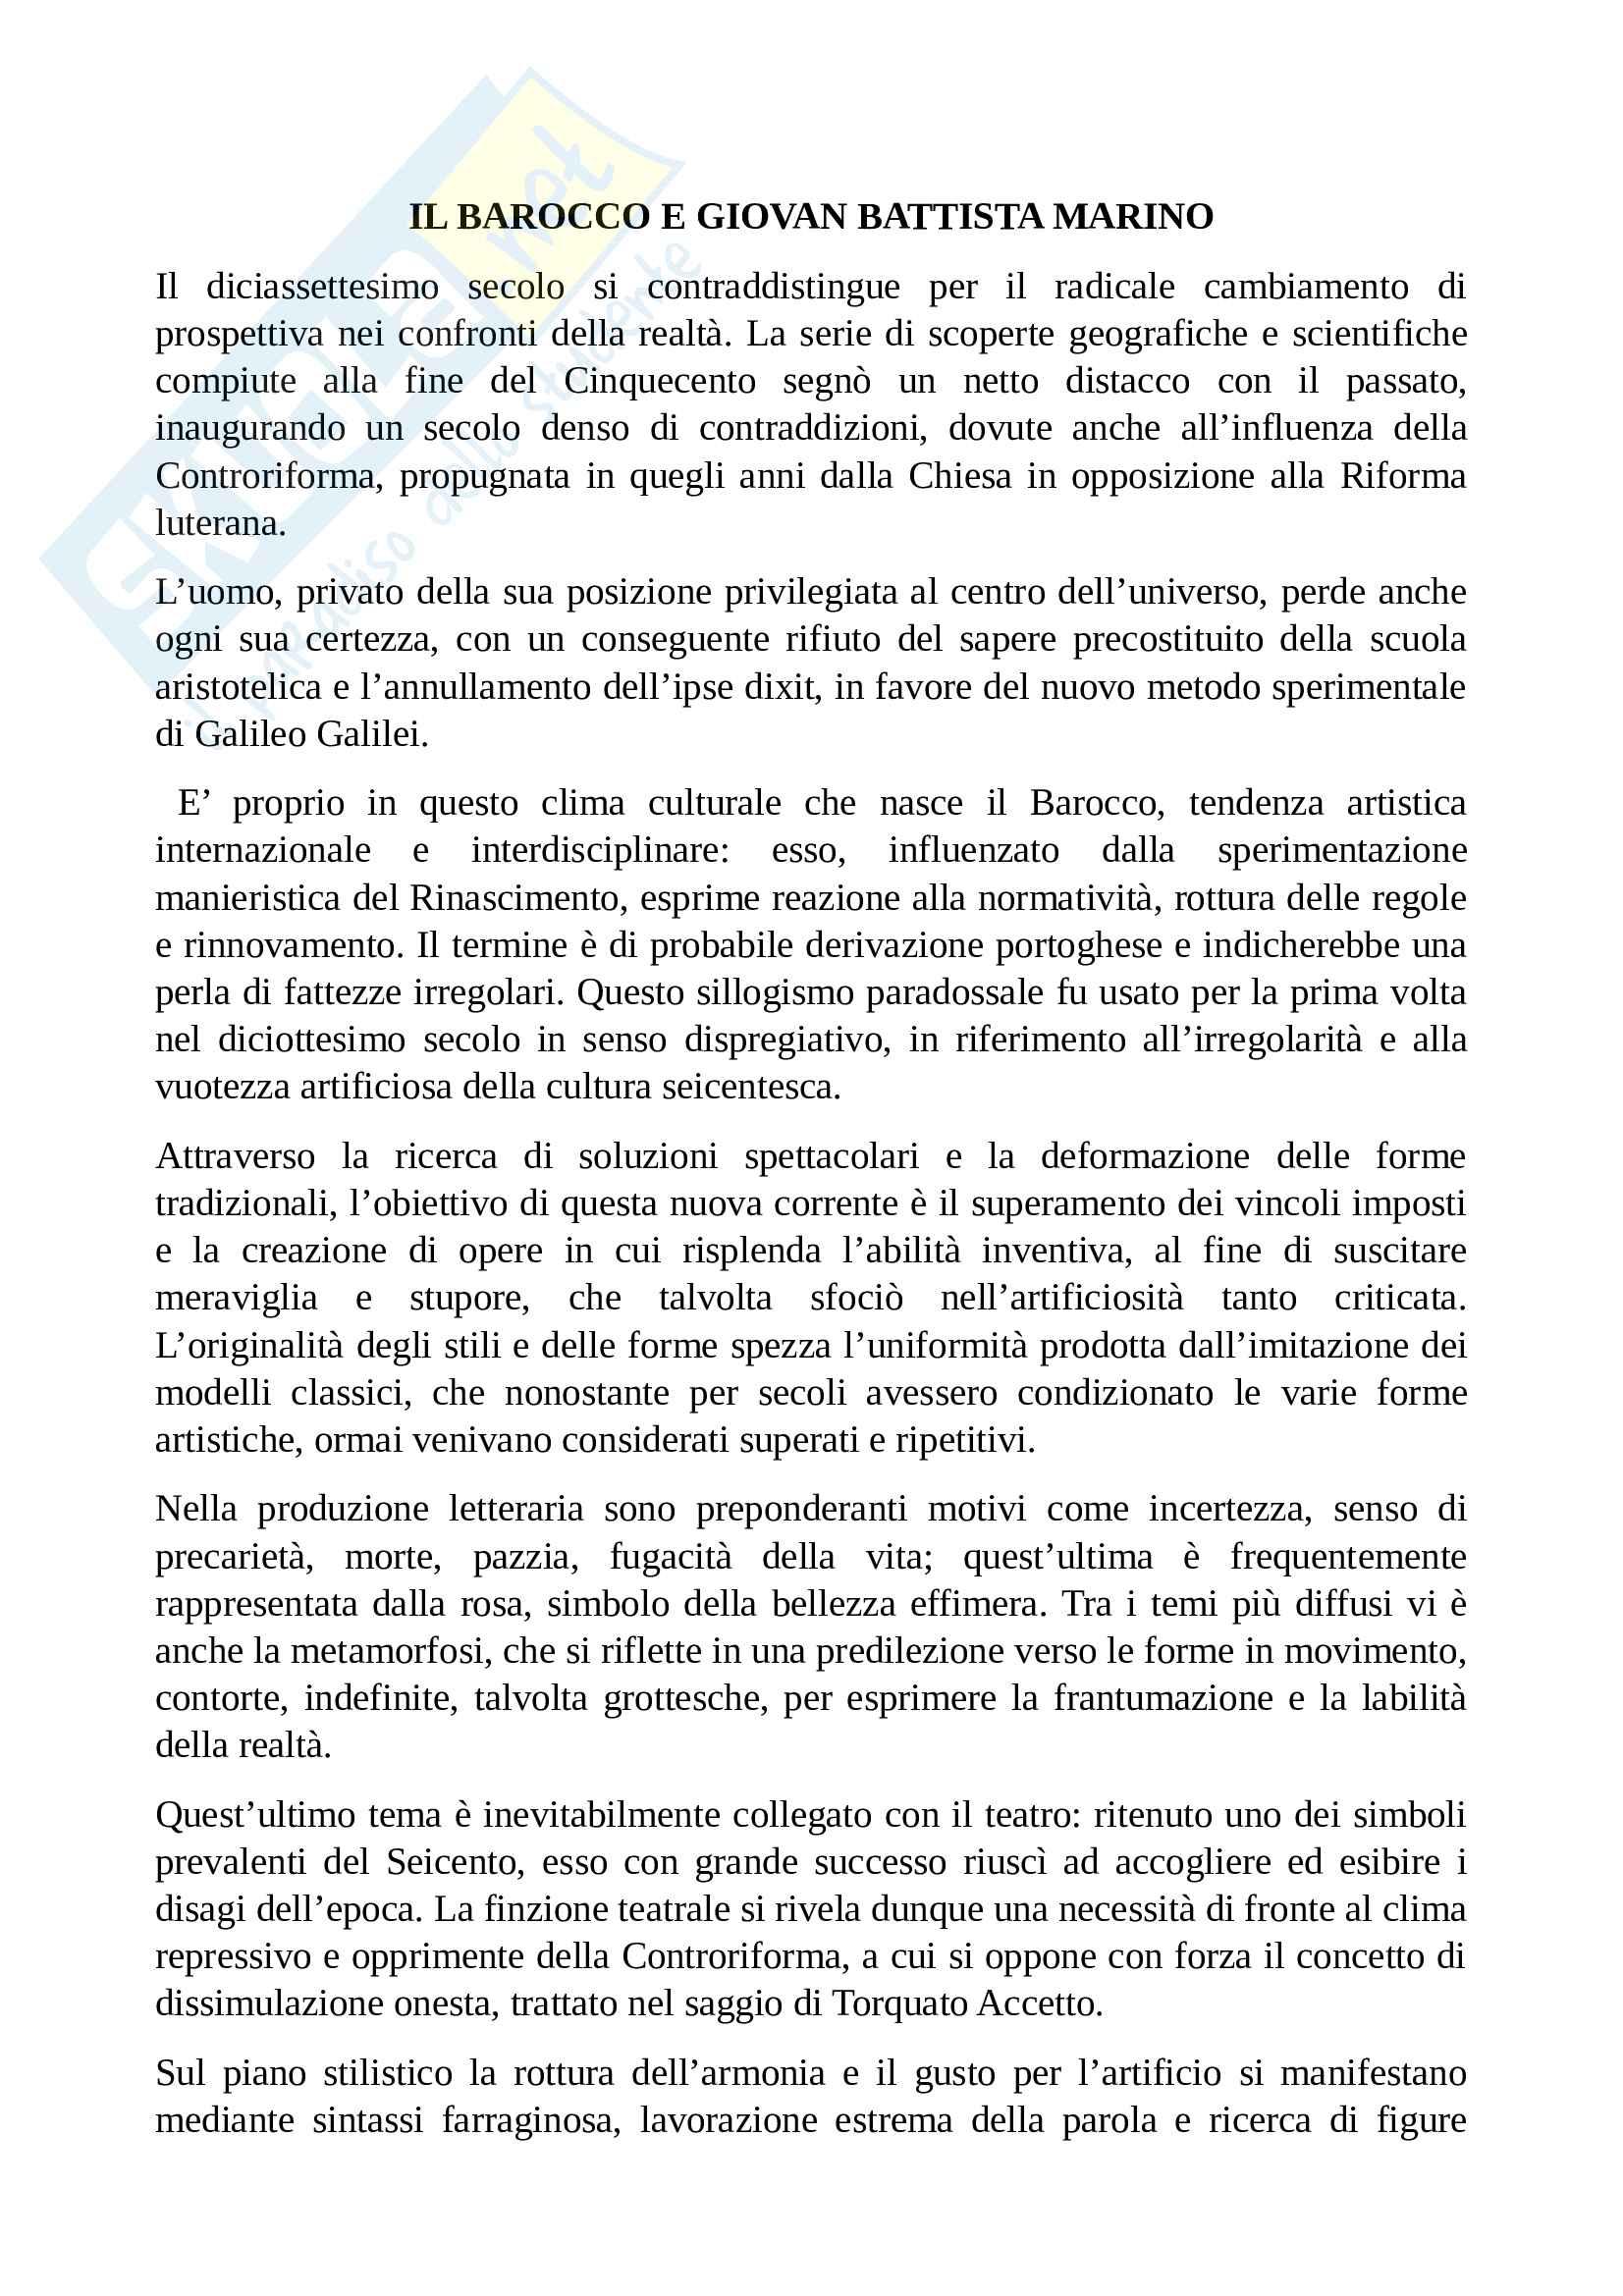 Barocco e Giovan Battista Marino - Letteratura italiana